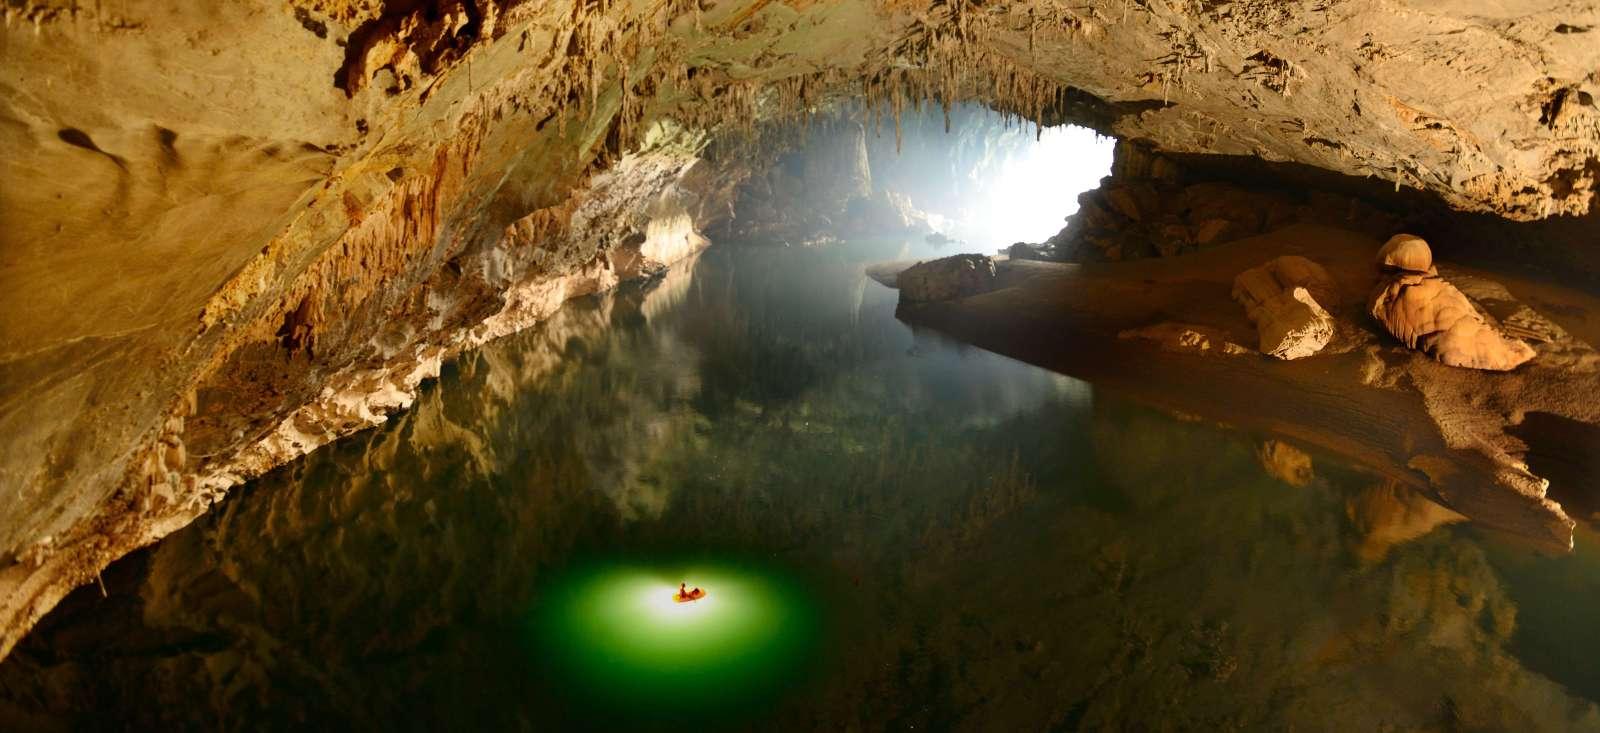 Voyage sur l'eau Laos : Kayak au centre de la terre